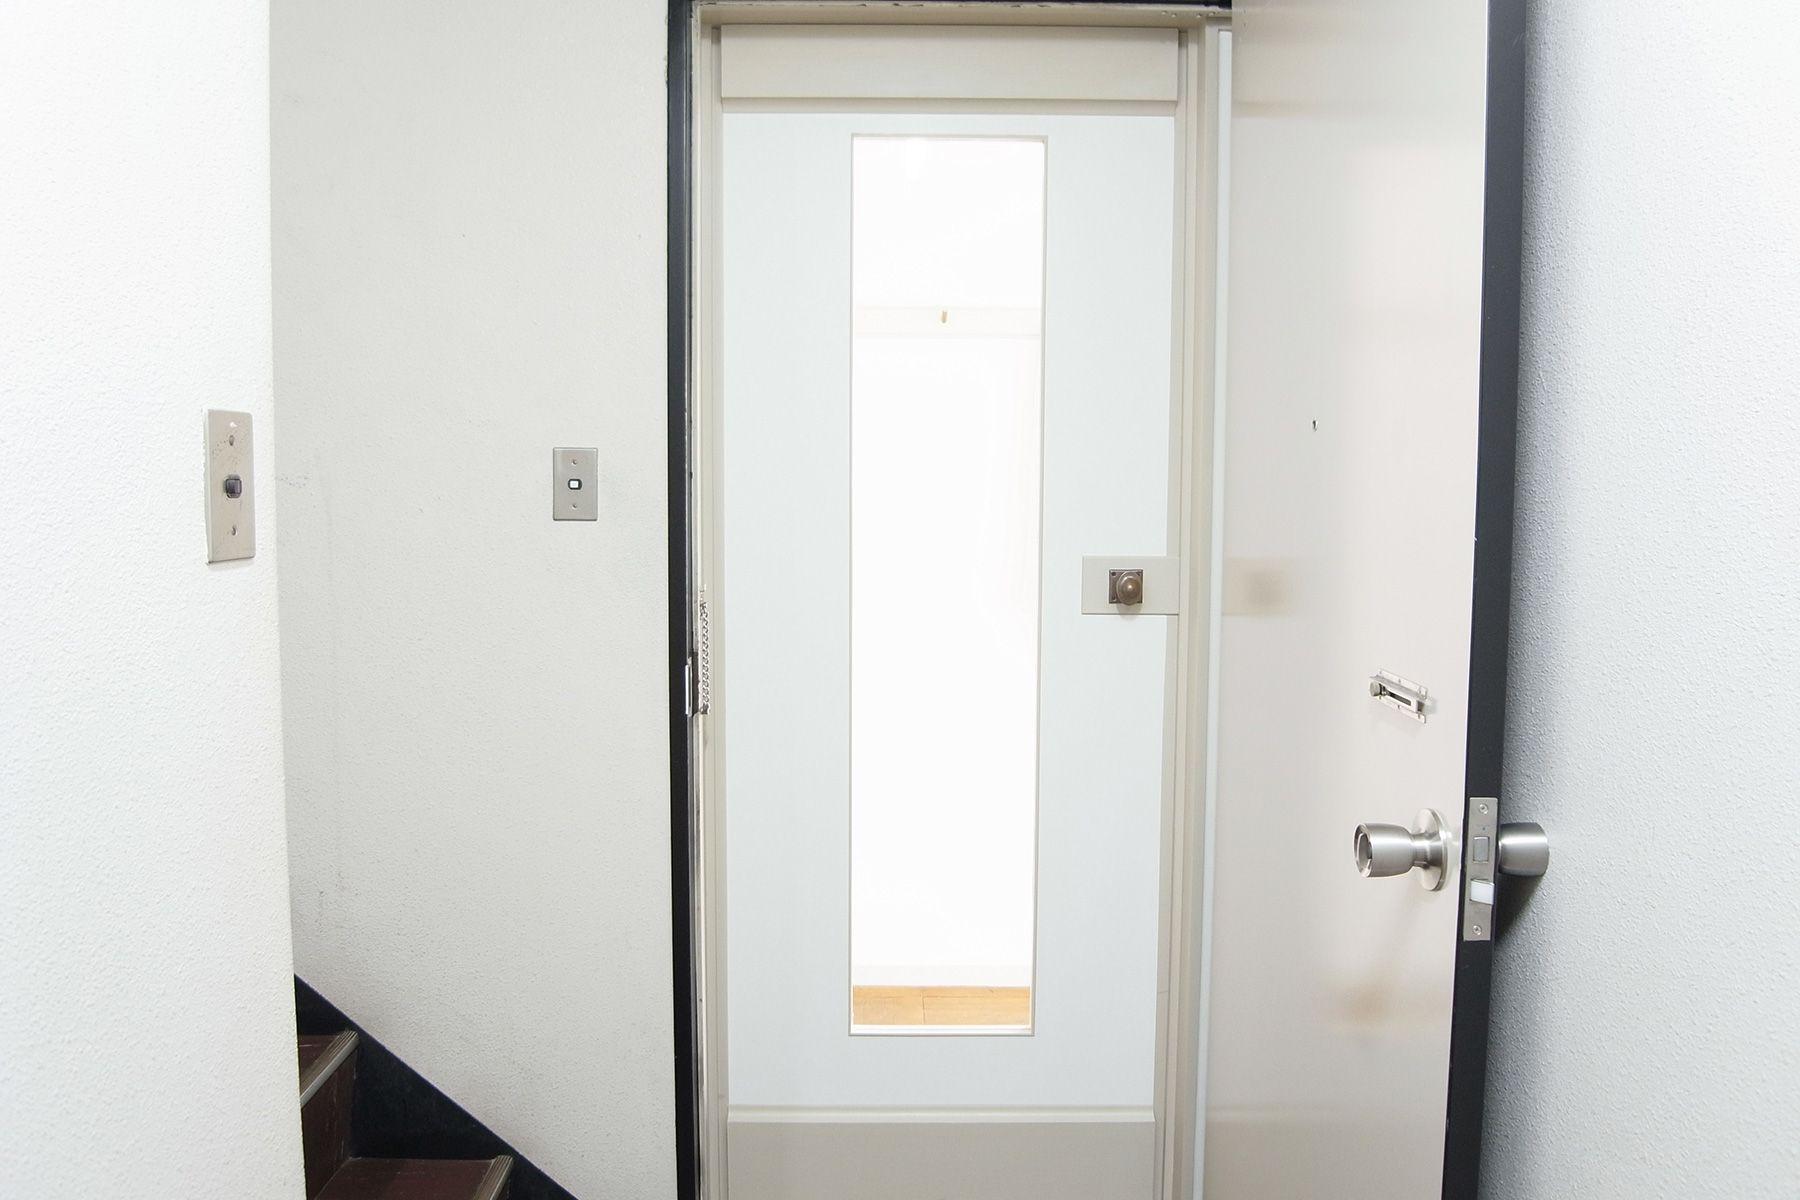 SHOTOHOUSE302 (ショウトウハウス302)エントランスドア